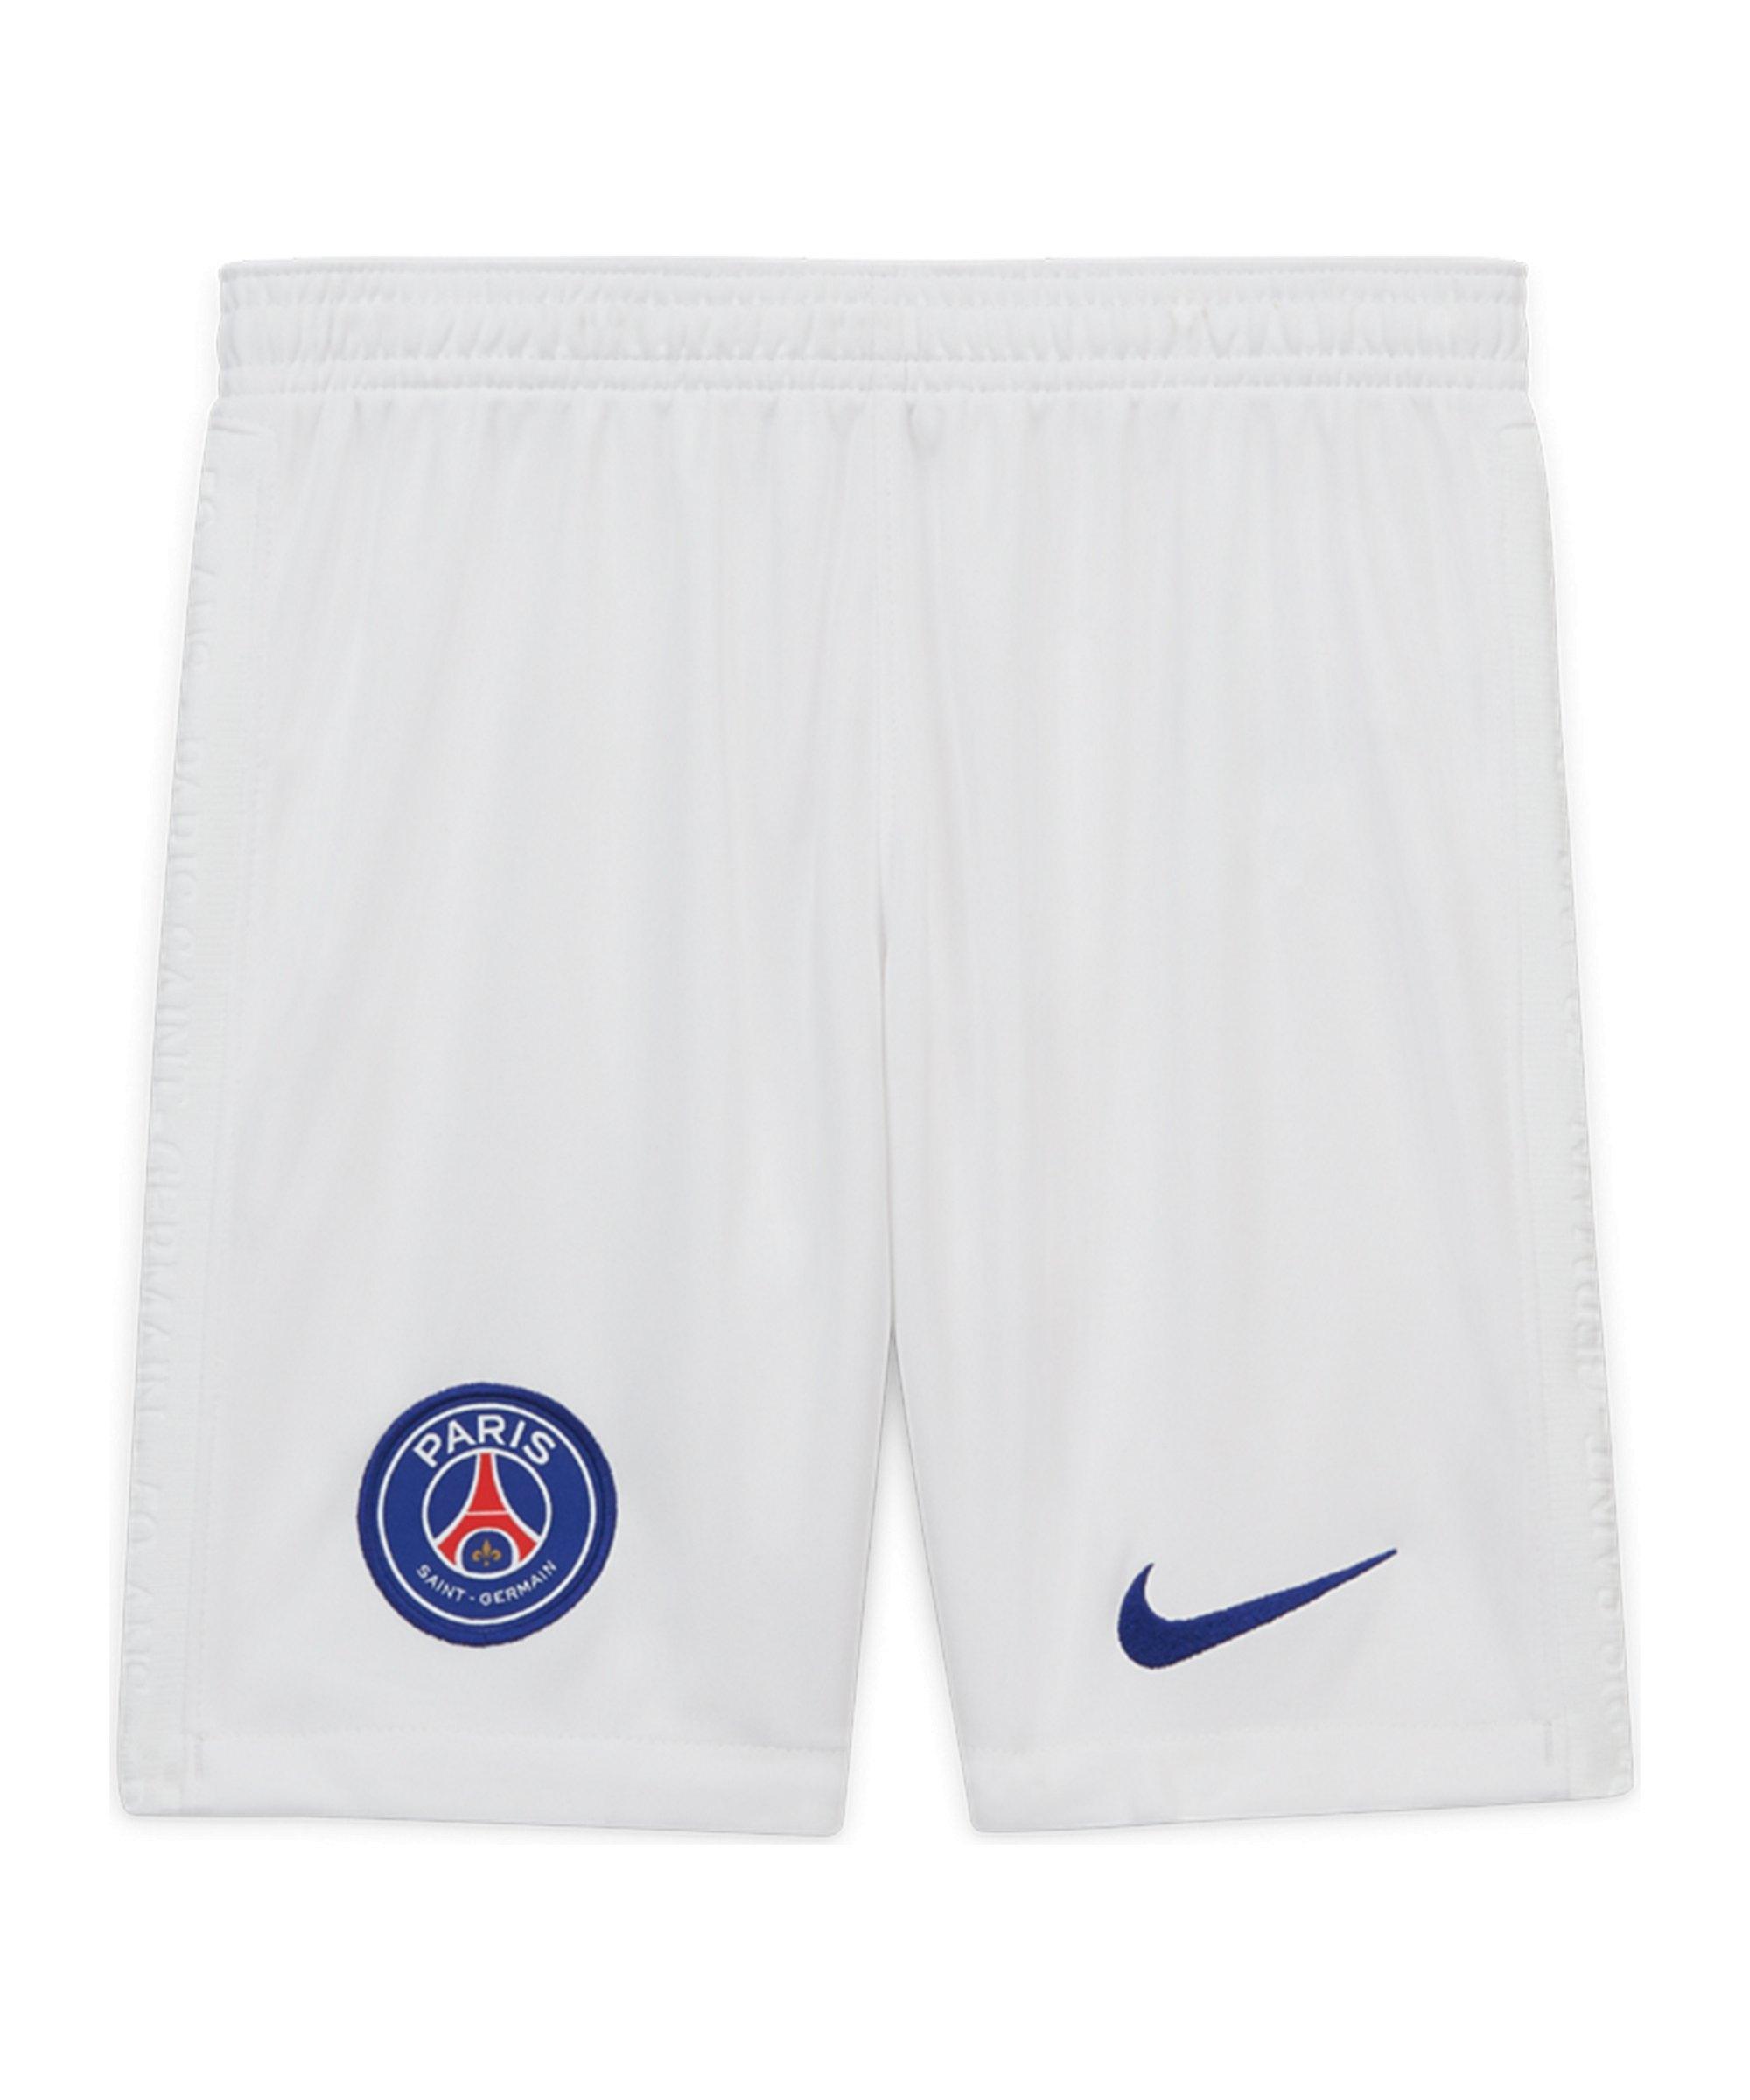 Nike Paris St. Germain Short Home 2020/2021 Weiss F100 - weiss